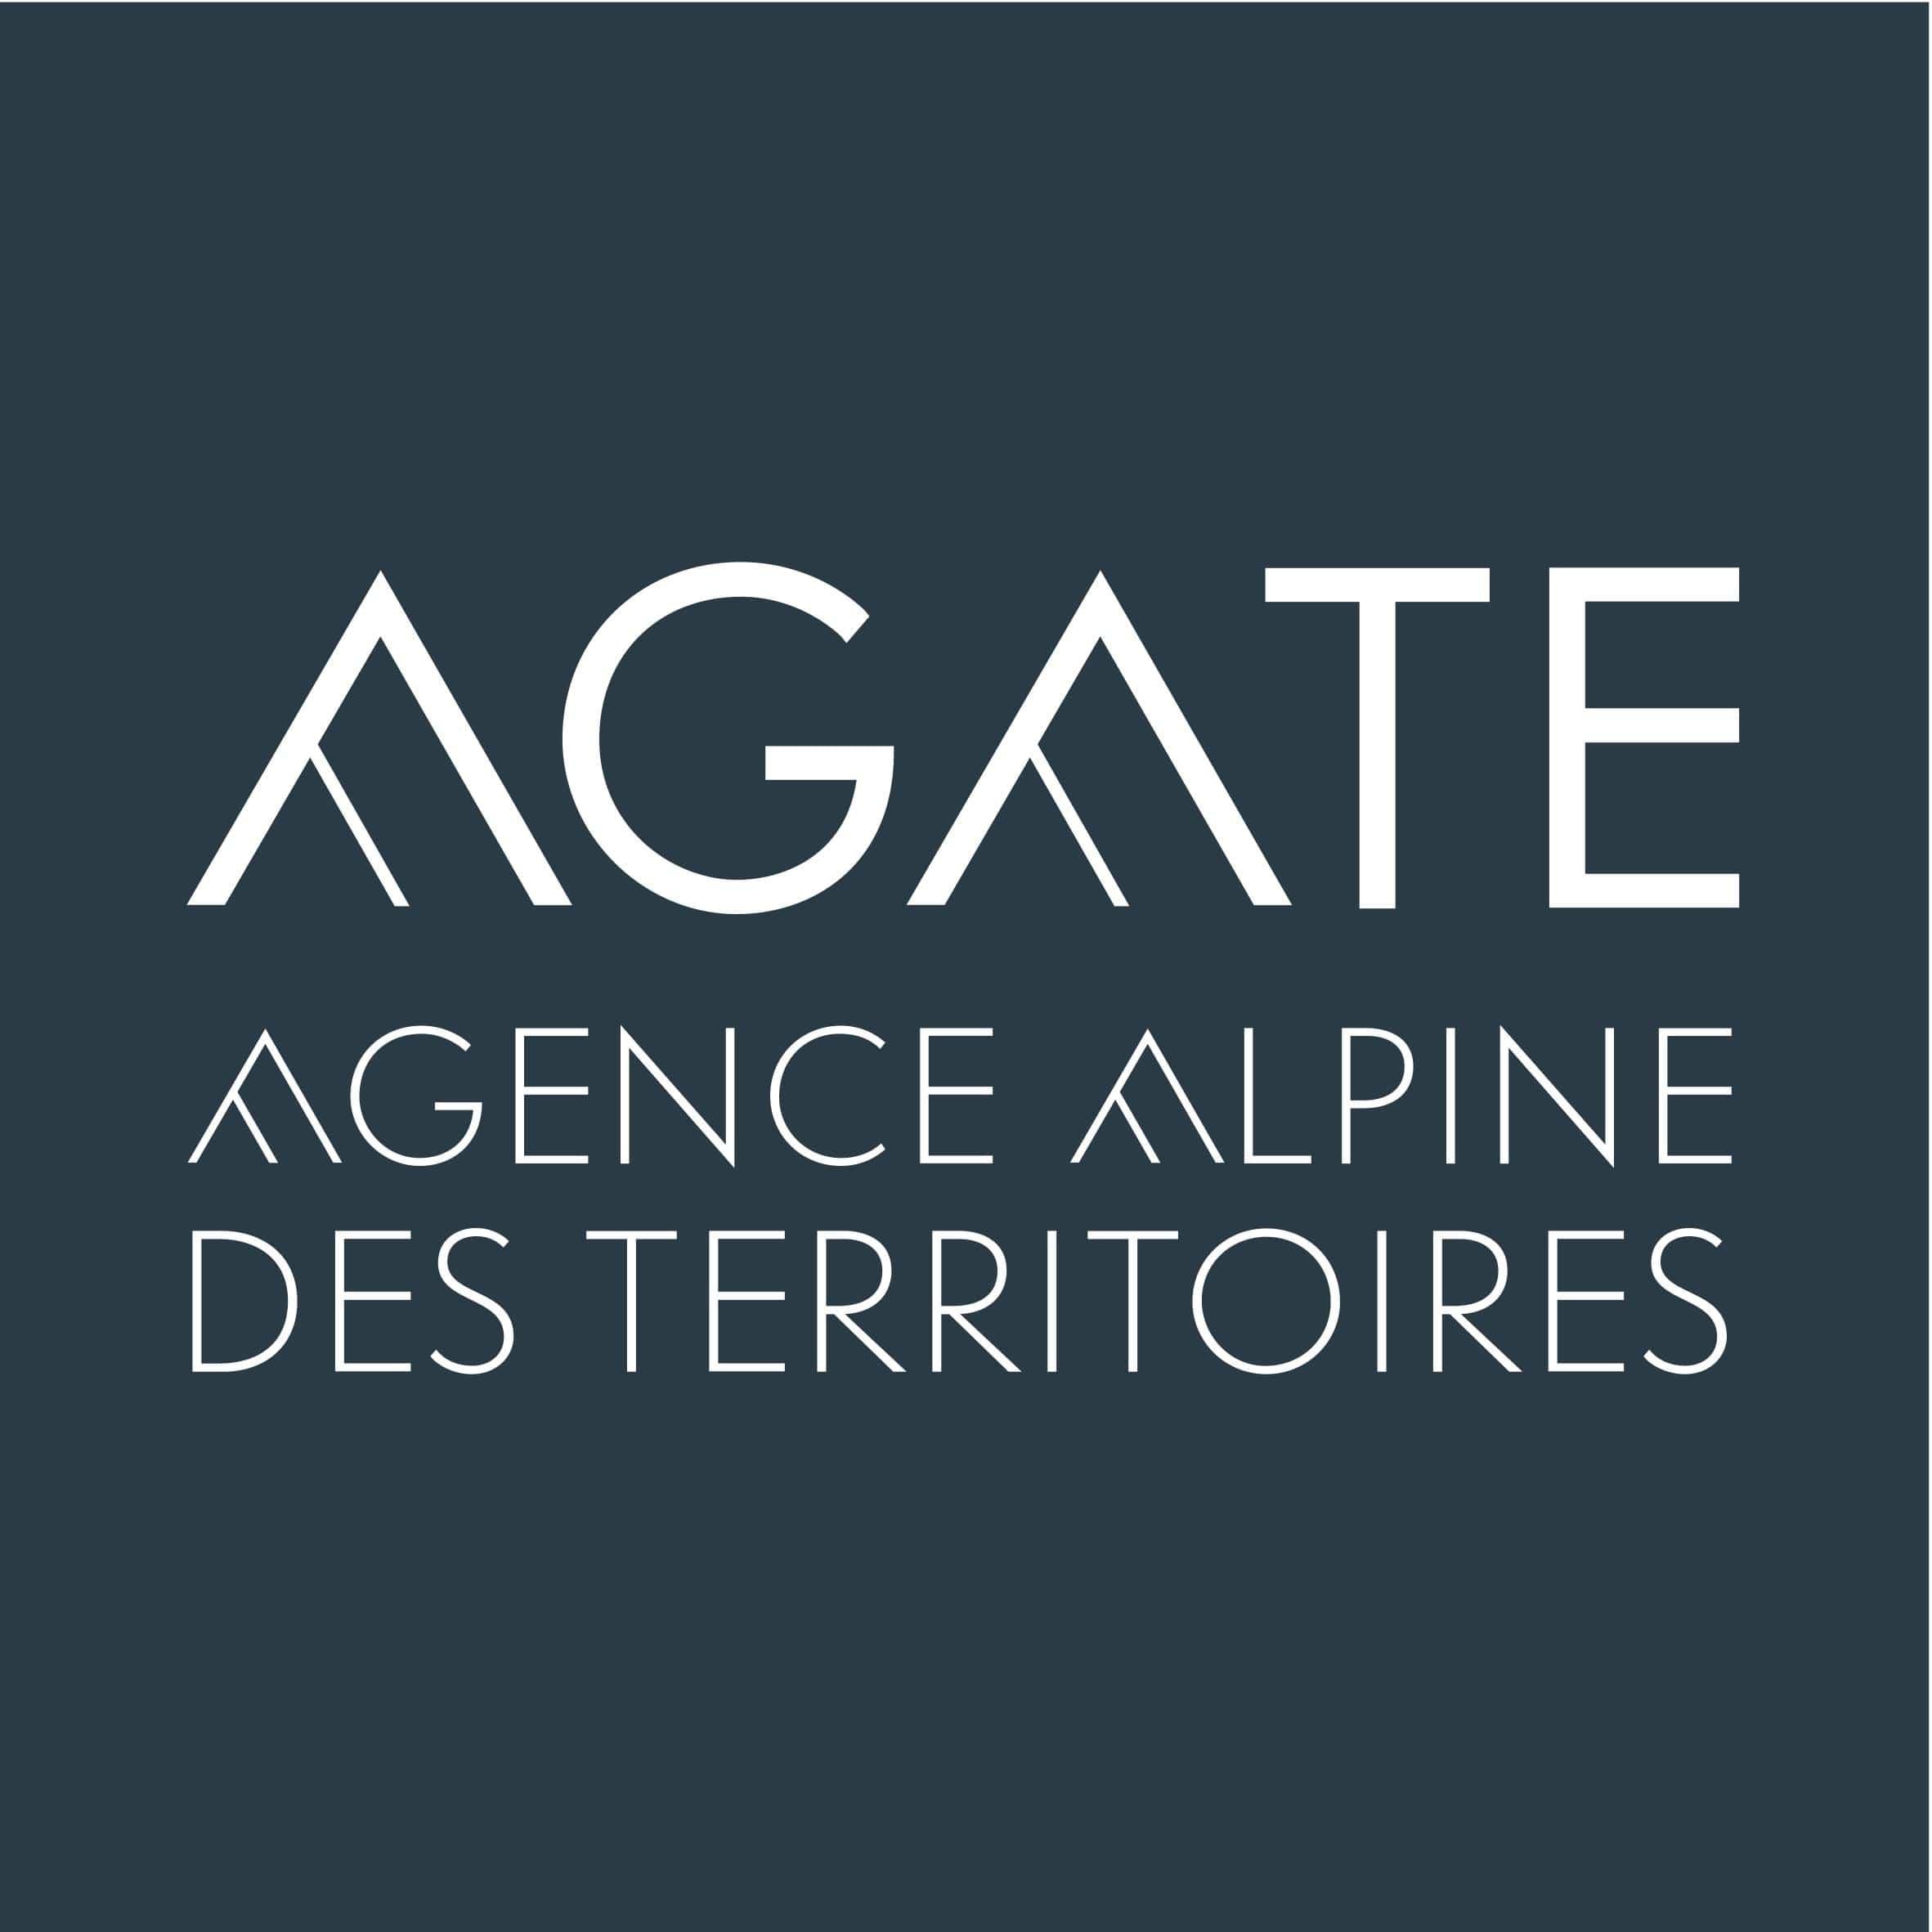 Agate Territoires